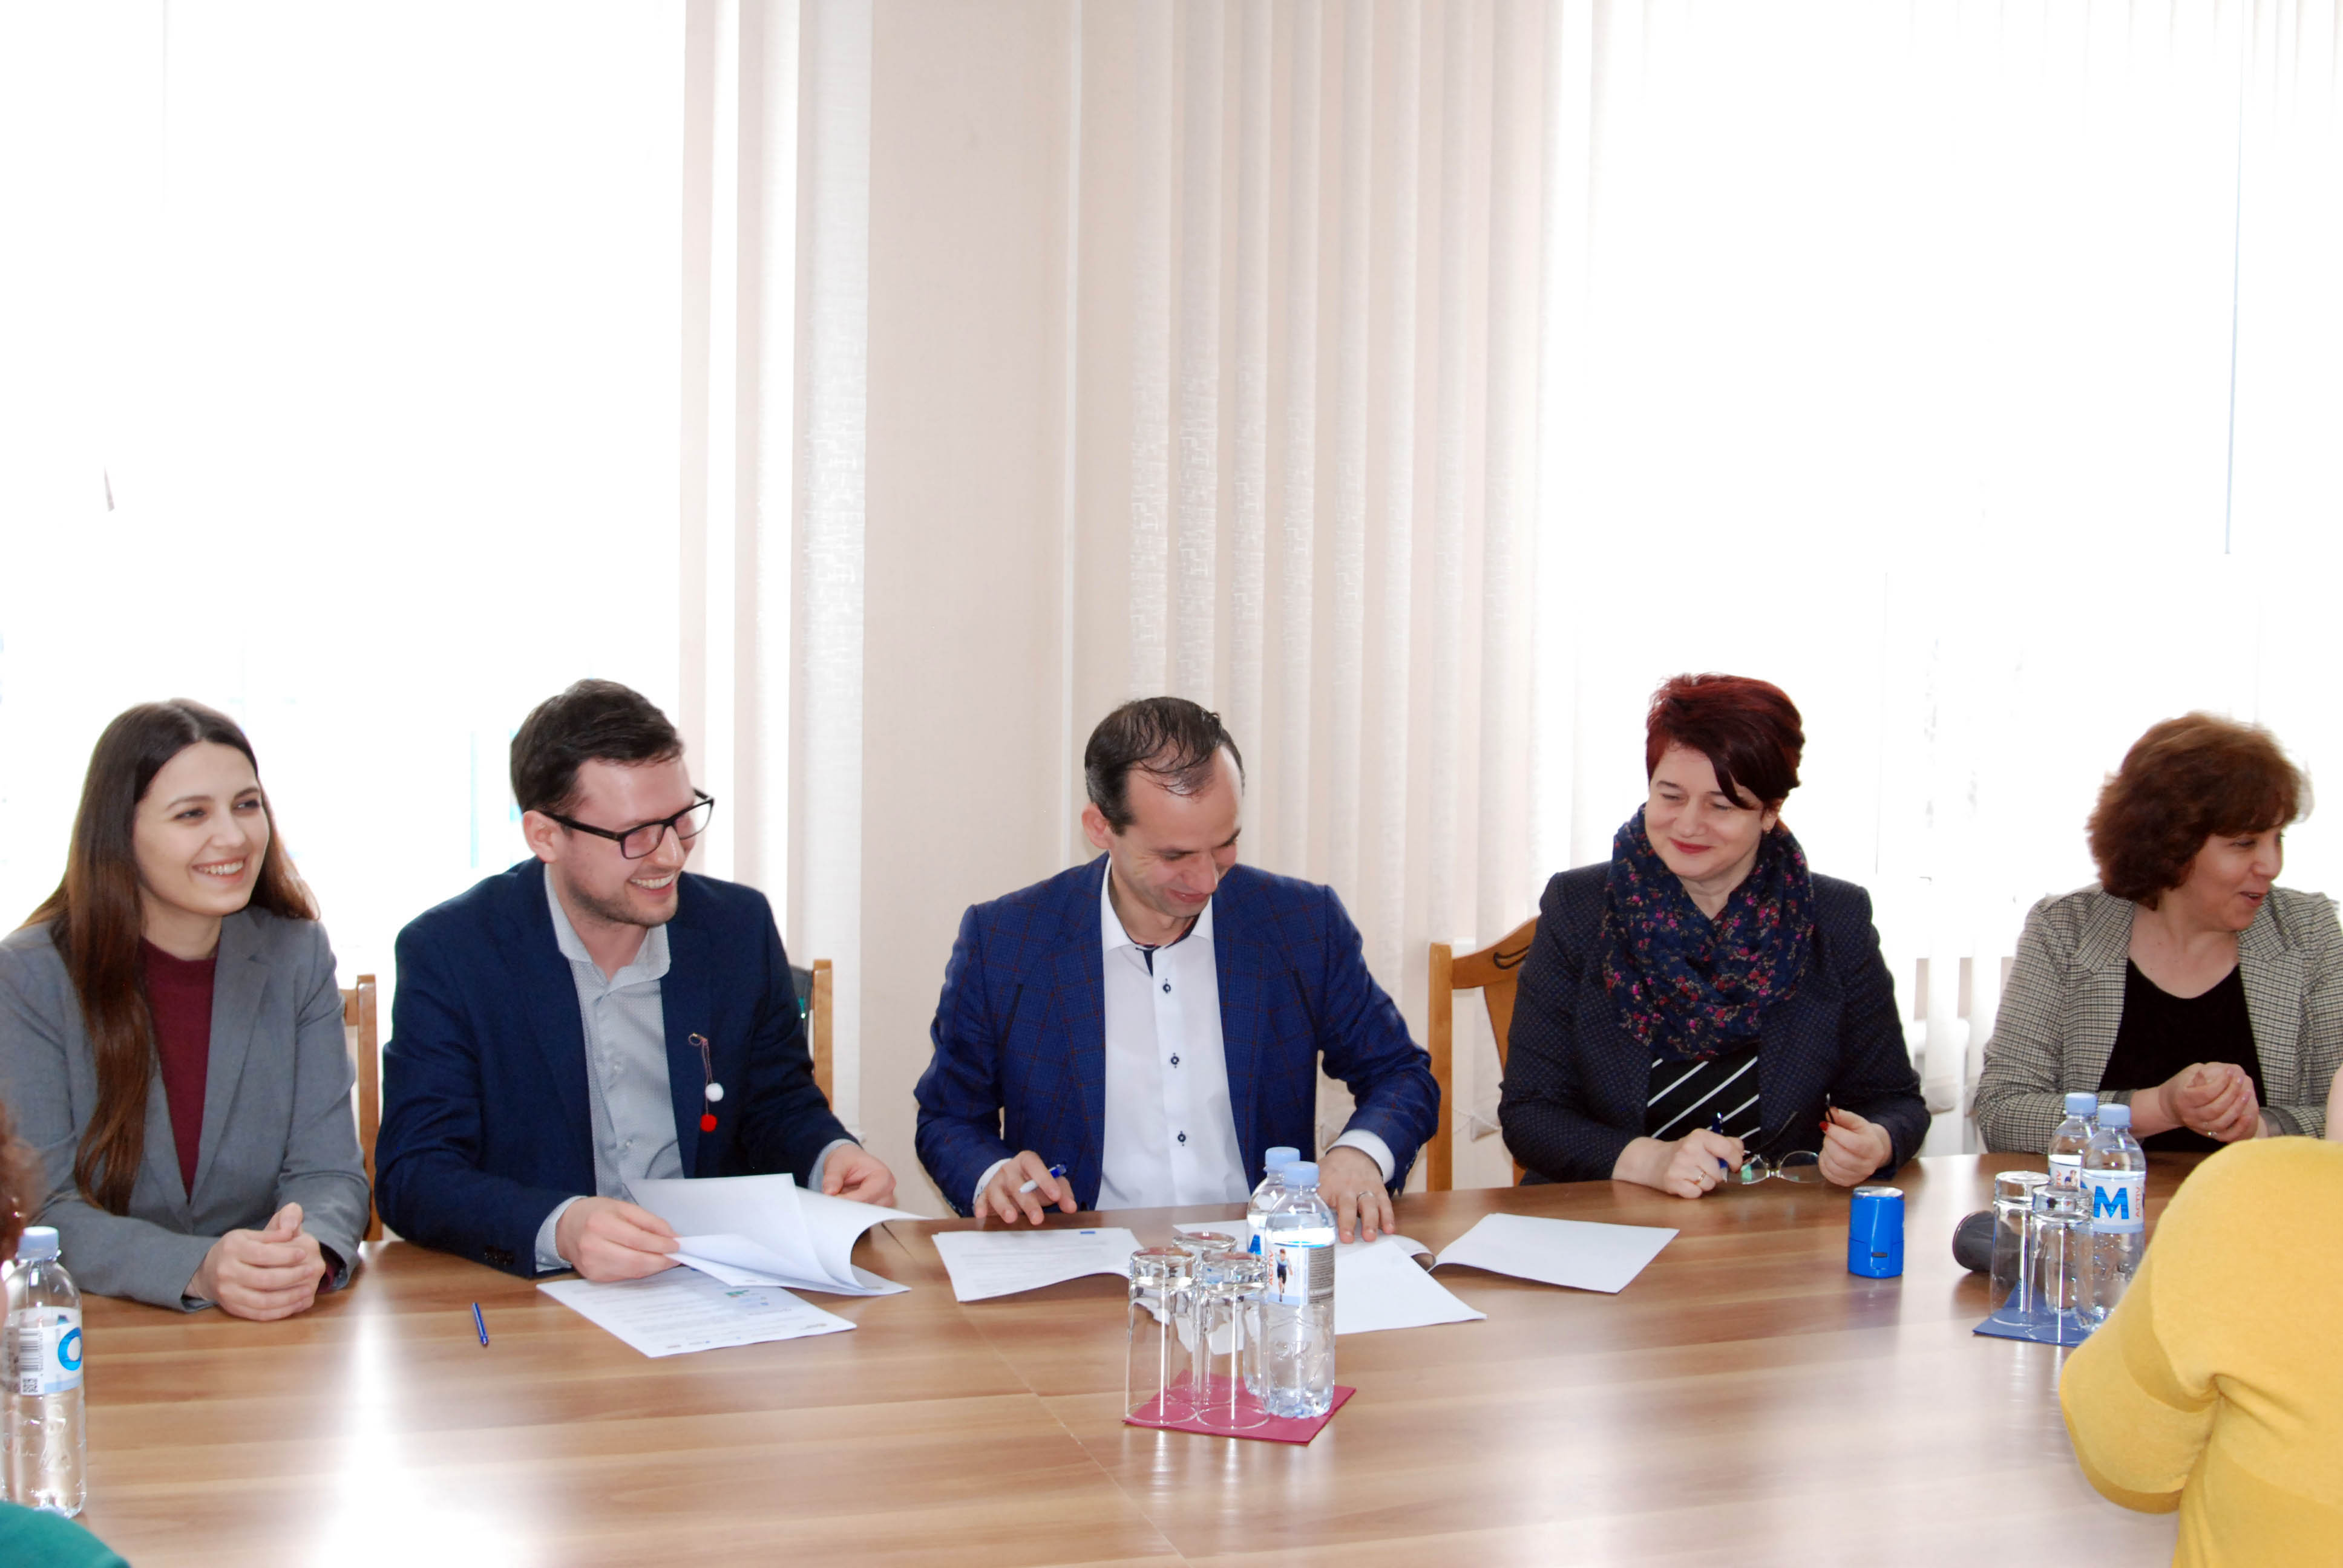 La Leova, Cantemir și Cahul,  a fost semnat un Memorandum  cu administrațiile publice locale